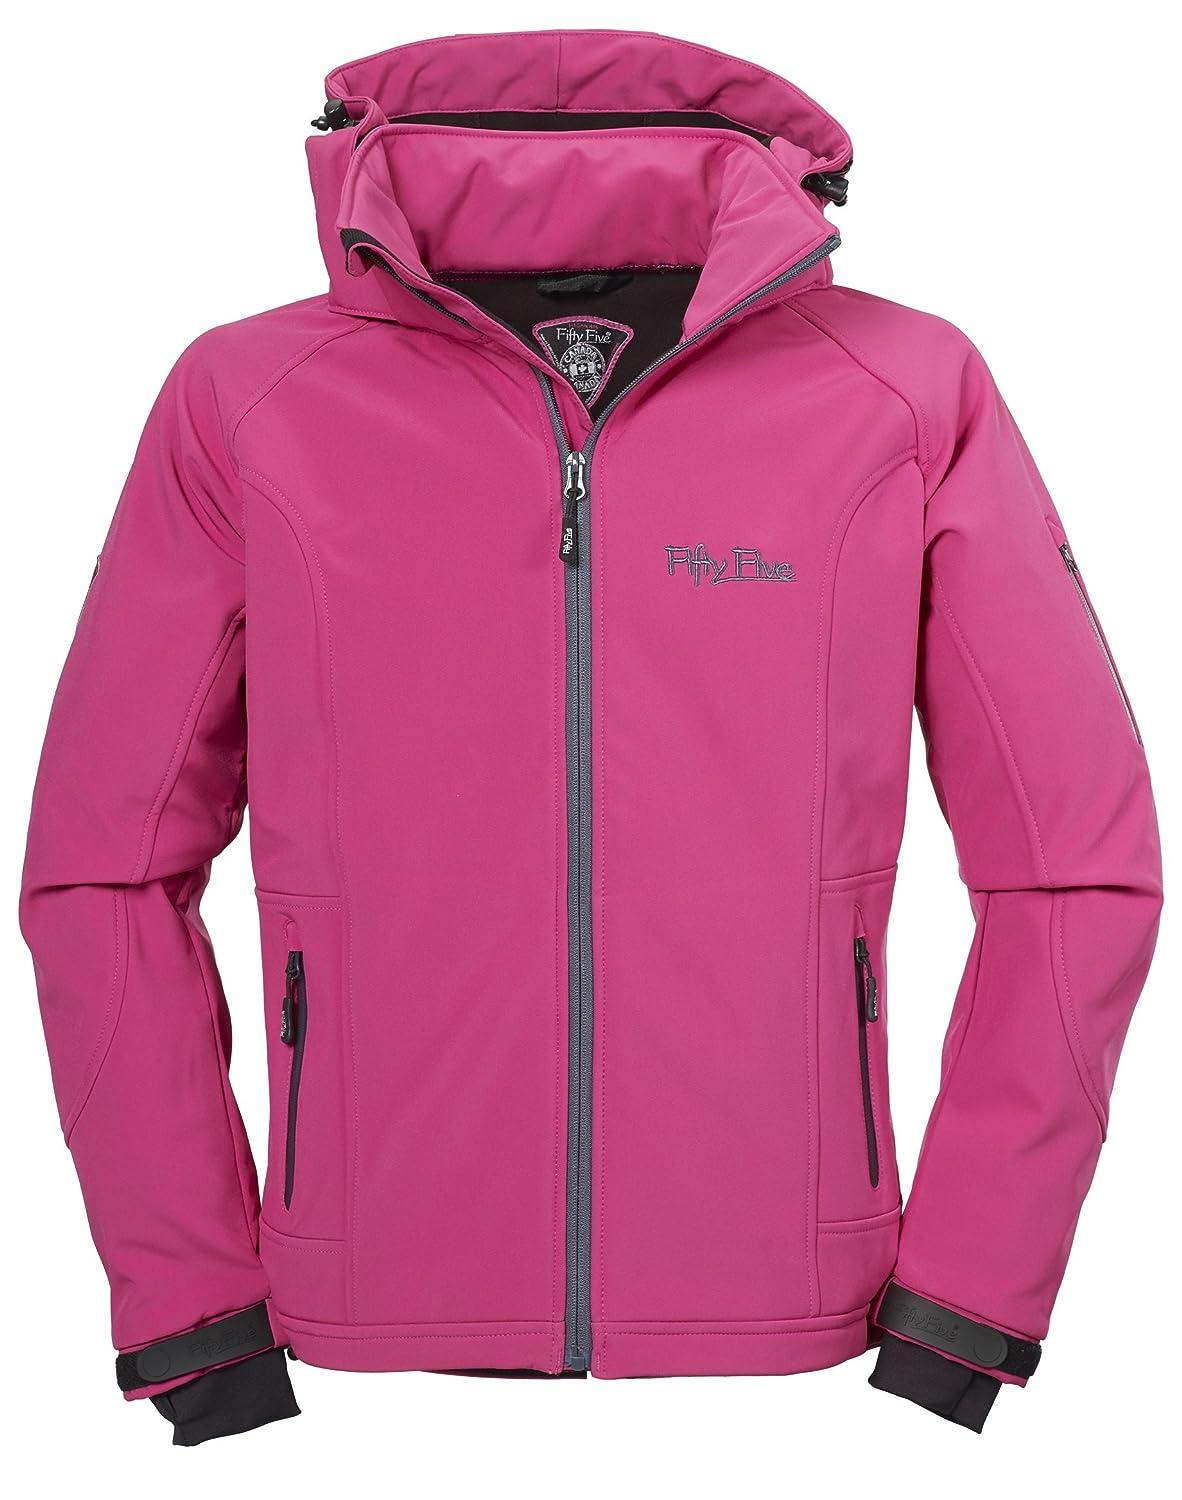 Softshell-Jacke | Funktions-Jacken für Damen von Fifty Five - Merrit - Outdoor-Bekleidung für Freizeit, Wandern oder Camping